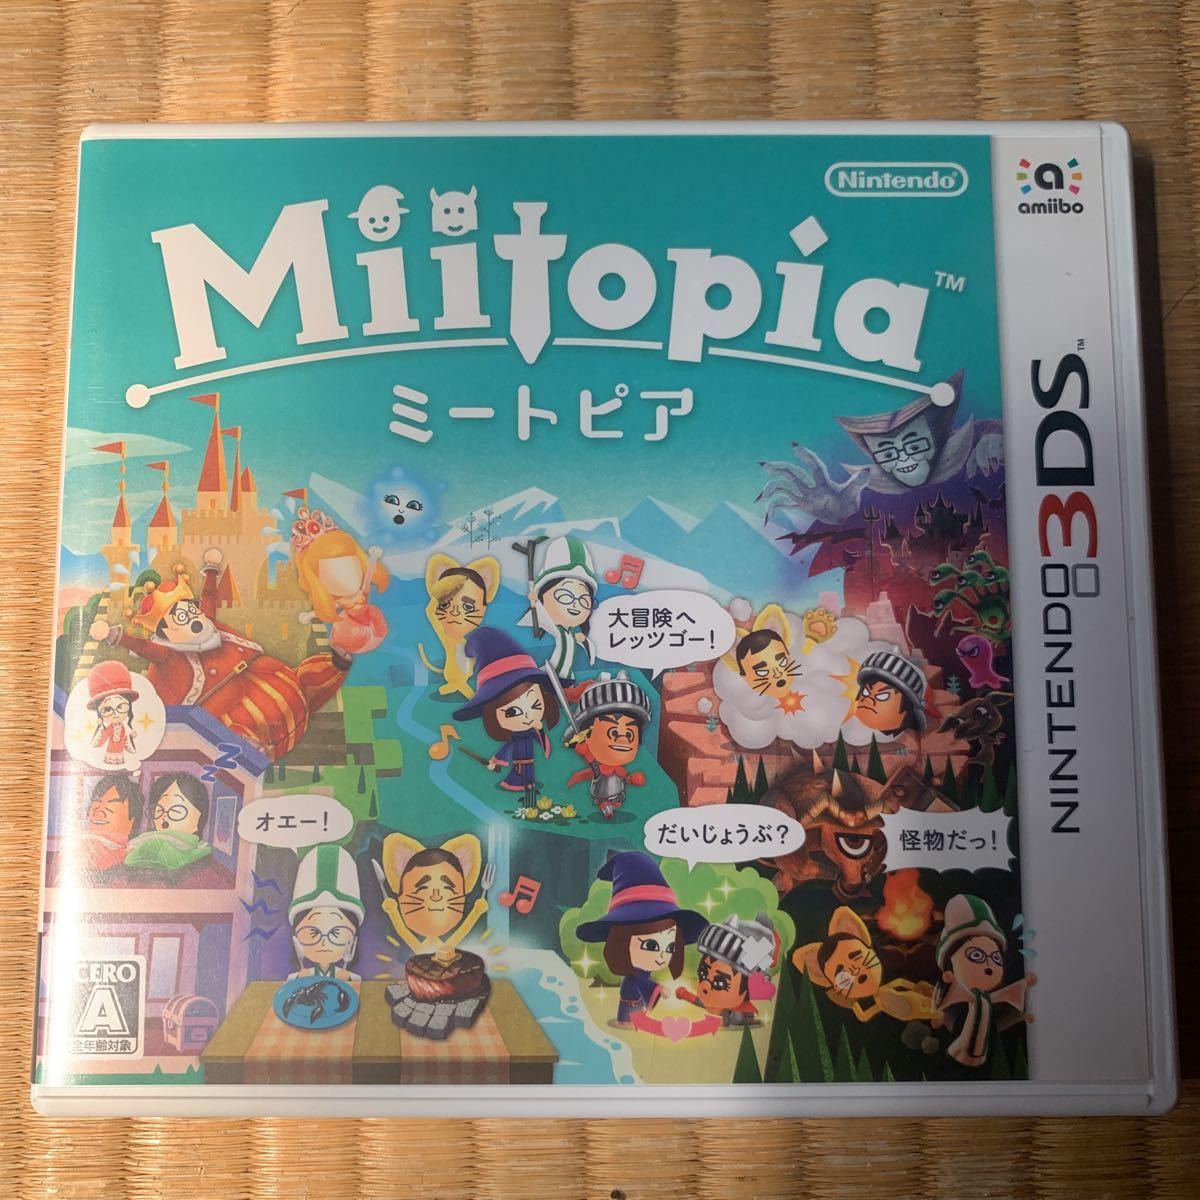 ミートピア Miitopia ニンテンドー3DS_画像1